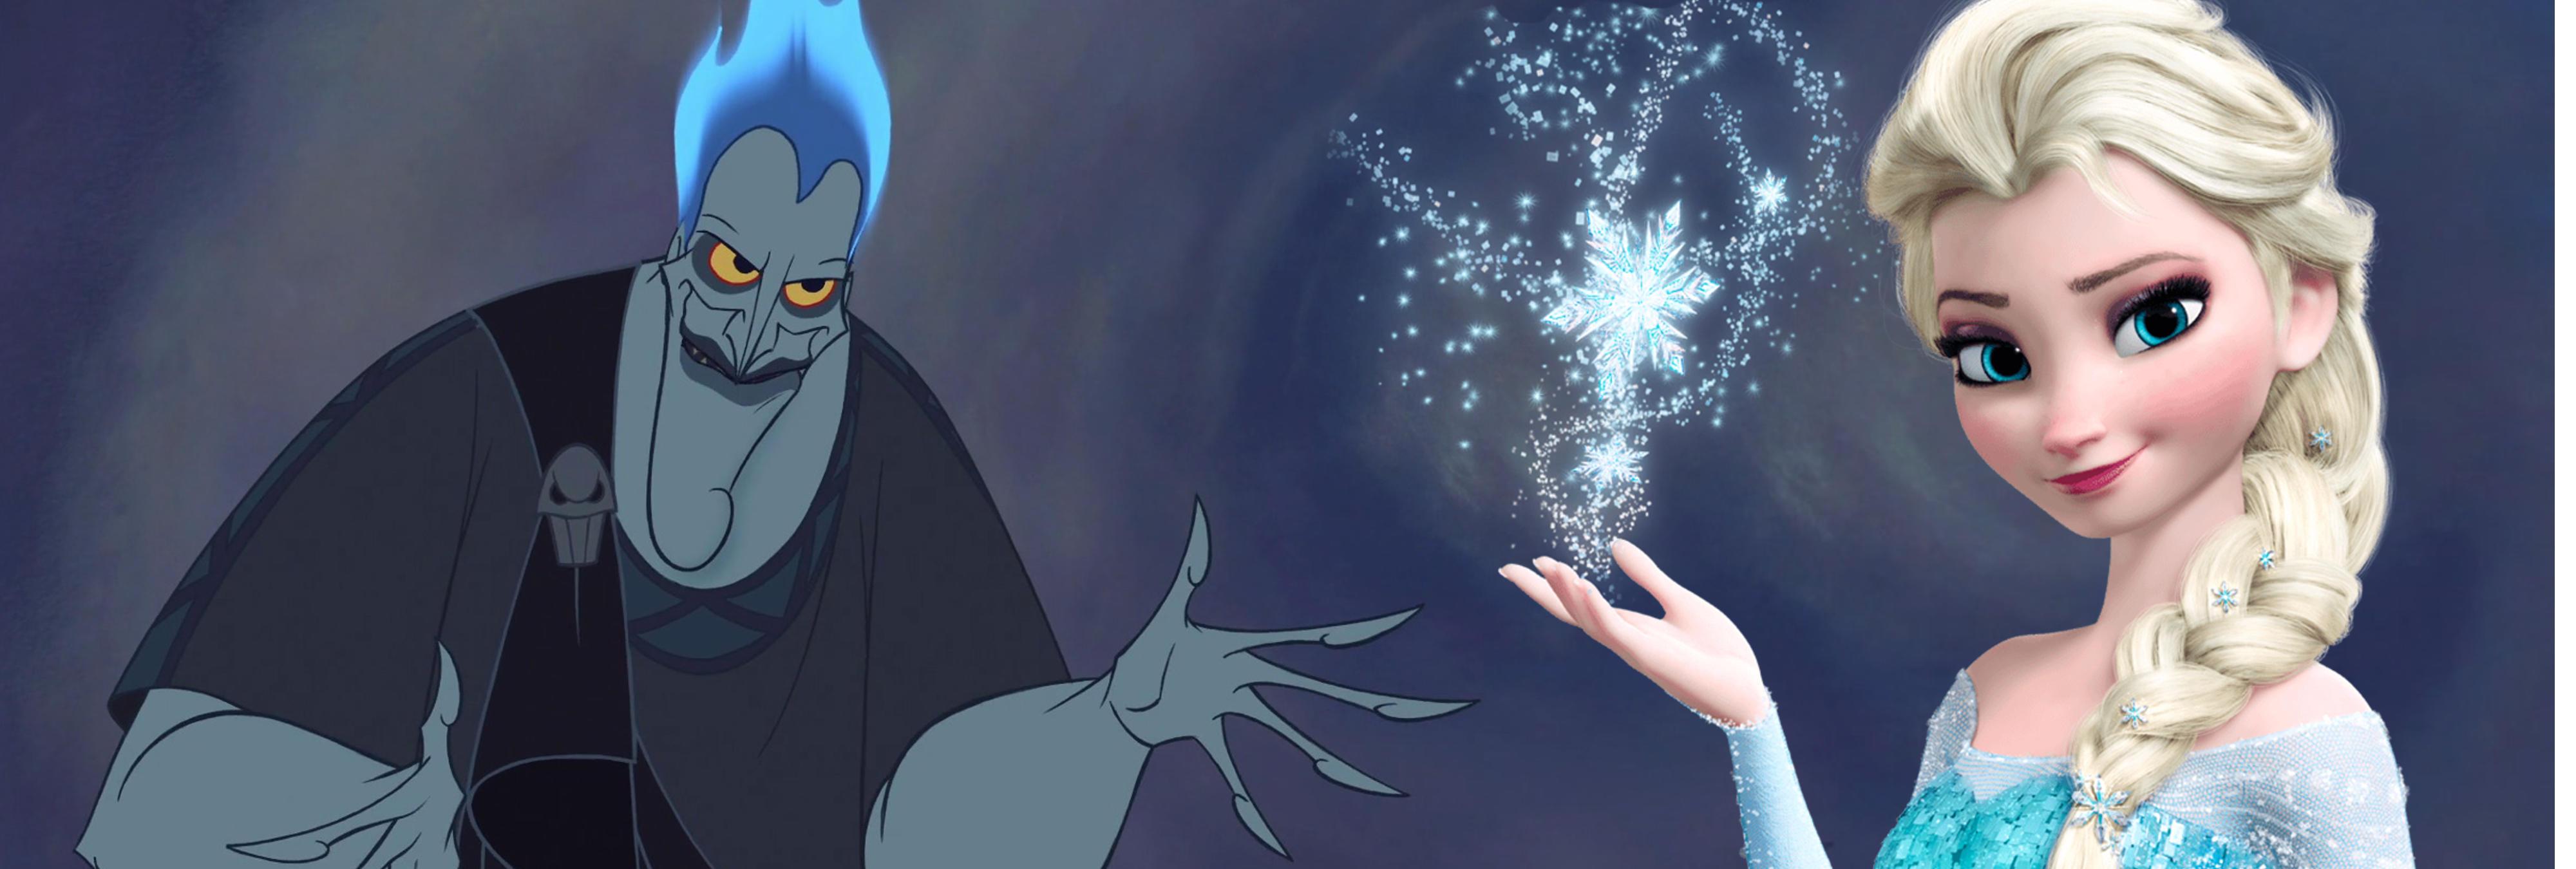 10 personajes LGTBI de Disney anteriores al nuevo LeFou de 'La Bella y la Bestia'